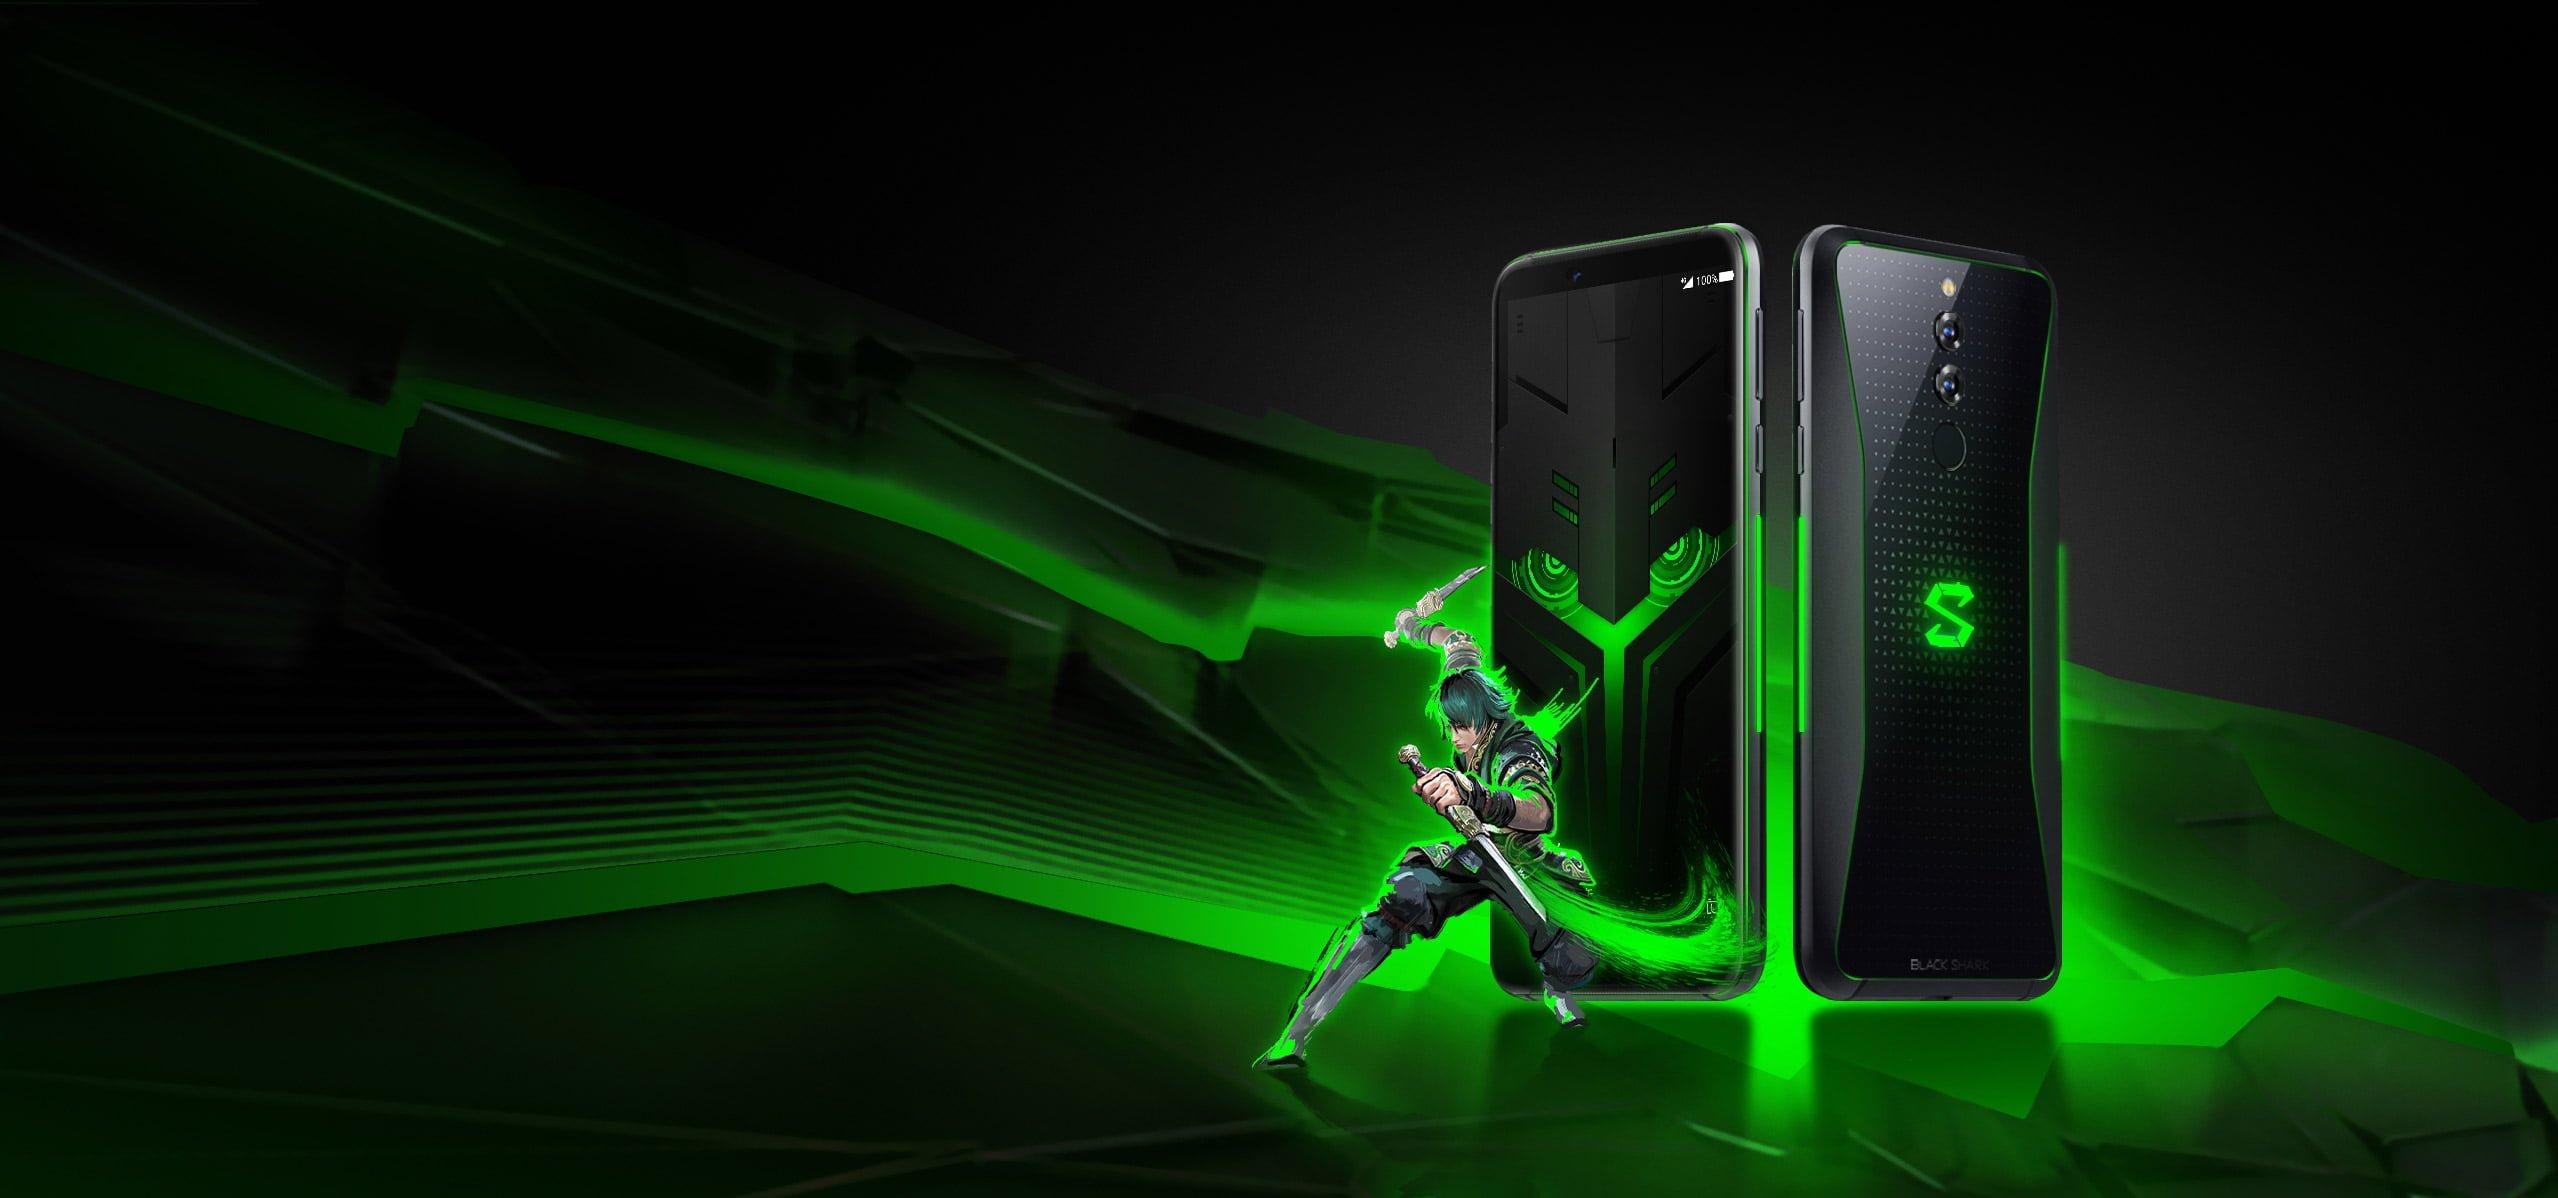 Tabletowo.pl Xiaomi Black Shark Helo oficjalnie - to pierwszy na świecie smartfon z 10 GB RAM, choć nie dla każdego Android Nowości Smartfony Xiaomi